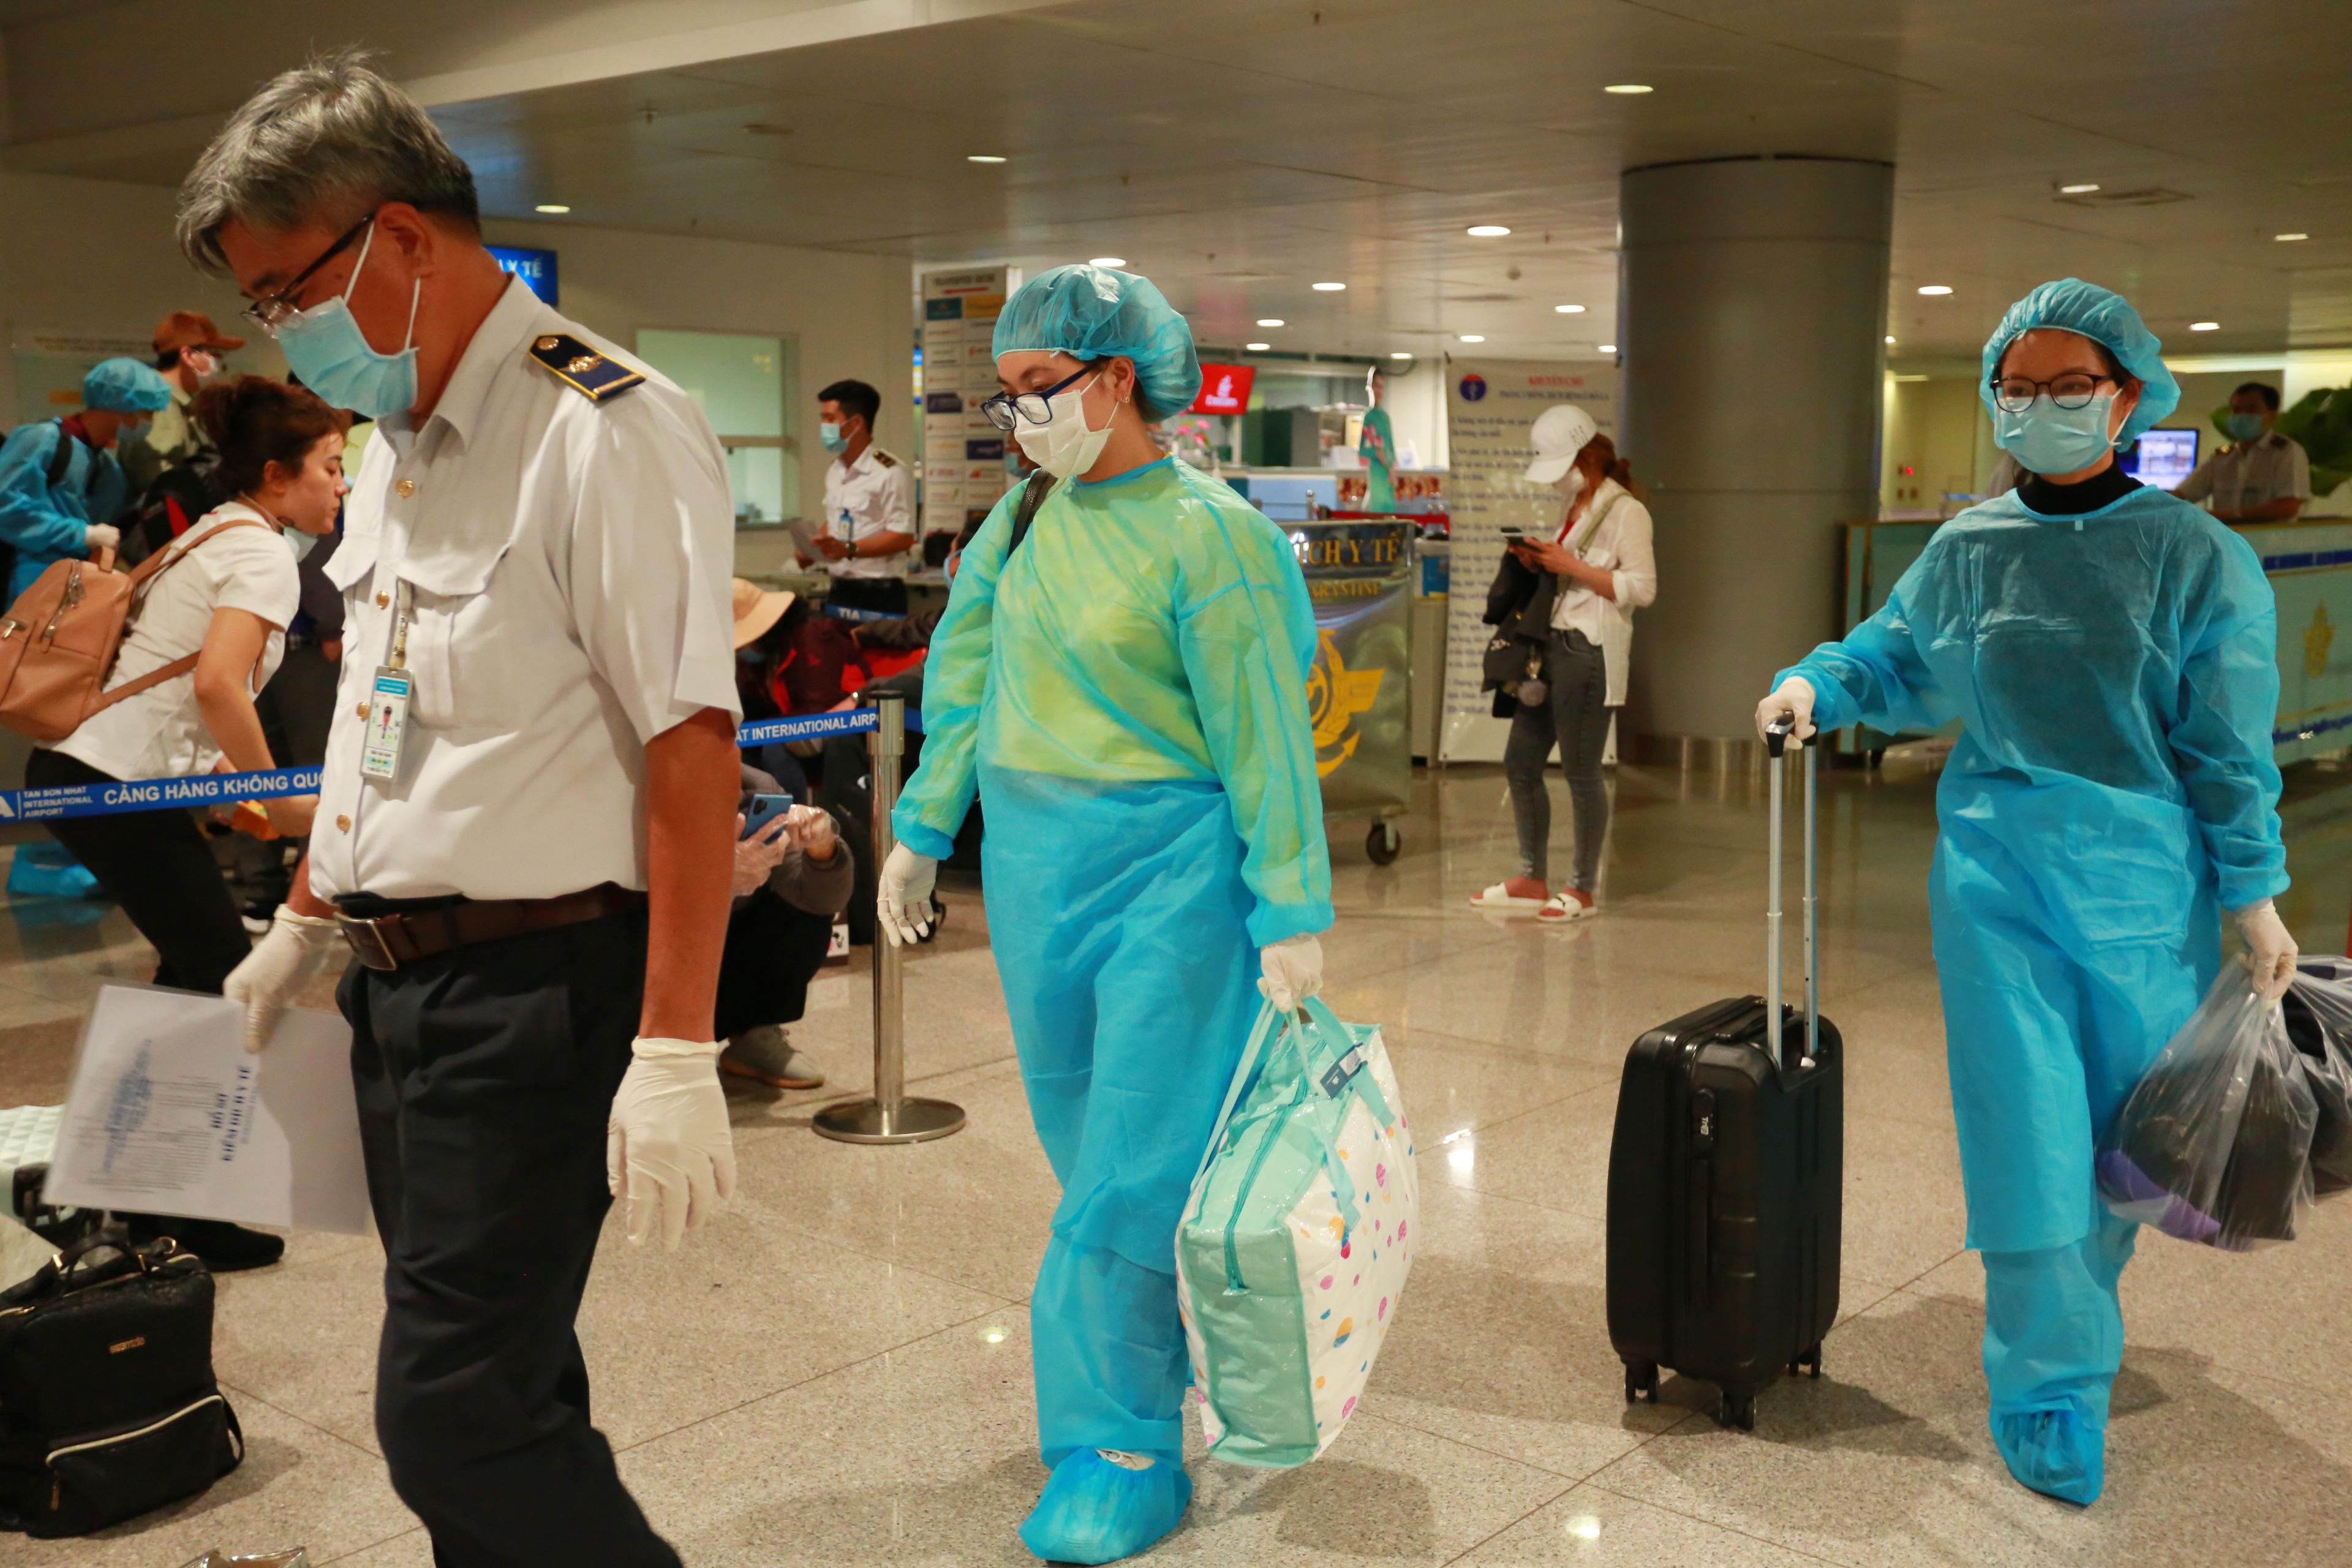 QUY TRÌNH NGHIÊM NGẶT giúp phát hiện 3 người về từ Hàn Quốc có dấu hiệu sốt, được cách ly lập tức khi xuống Tân Sơn Nhất - Ảnh 16.